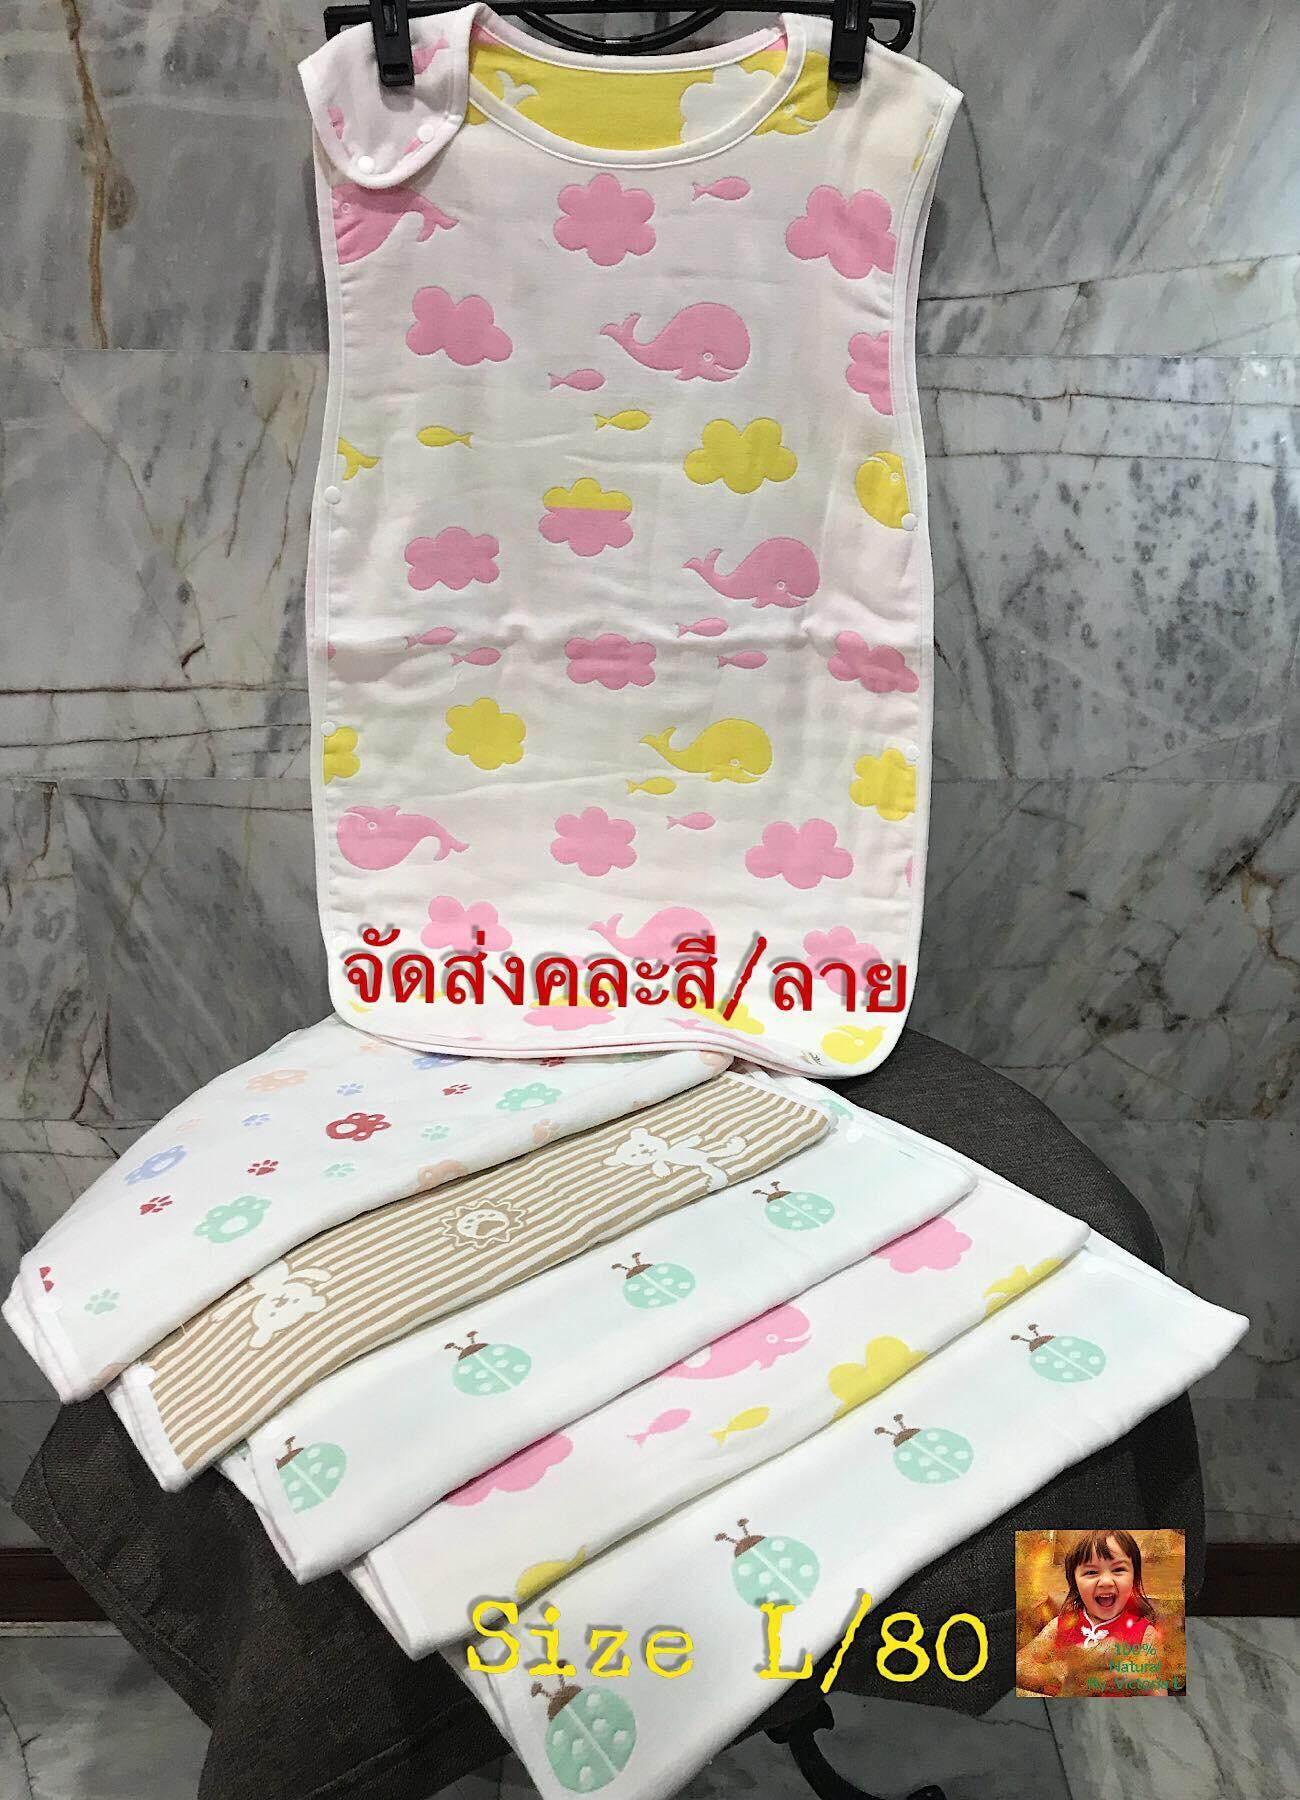 แนะนำ Baby Sleeping Bag Size L, 100%Cotton ถุงนอนเด็ก / ถุงนอนกันลูกน้อยแตะ ทำจากผ้าฝ้าย 100% Size L